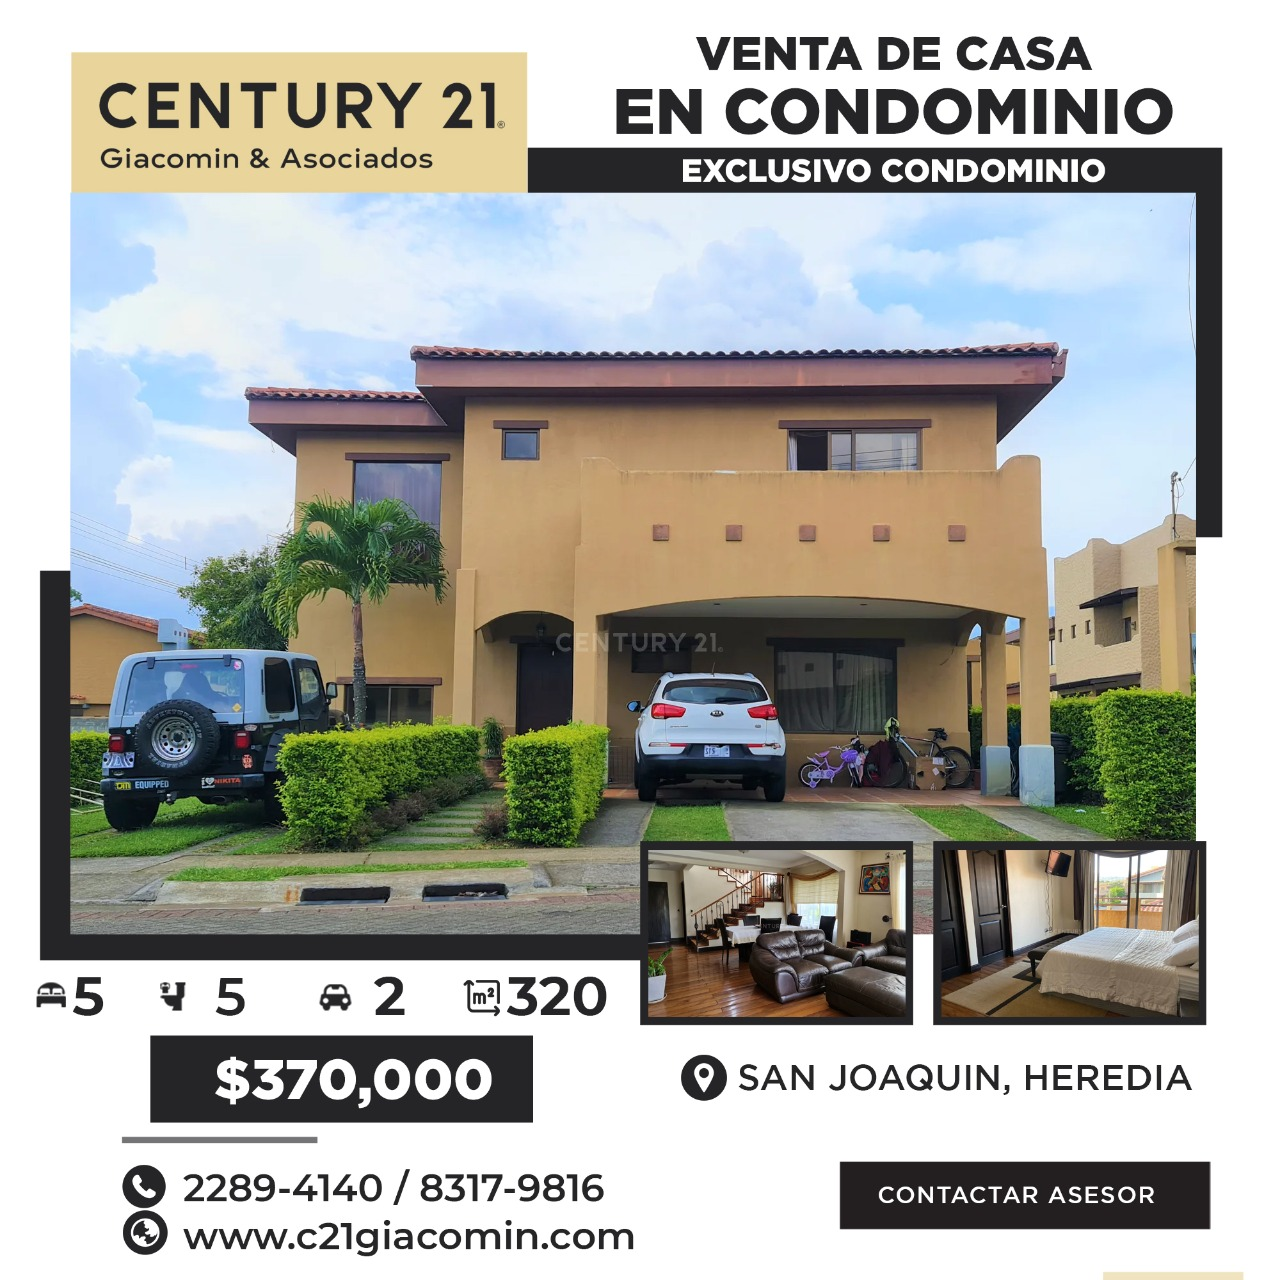 VENTA DE CASA EN EXCLUSIVO CONDOMINIO! EN SAN JOAQUINDE HEREDIA